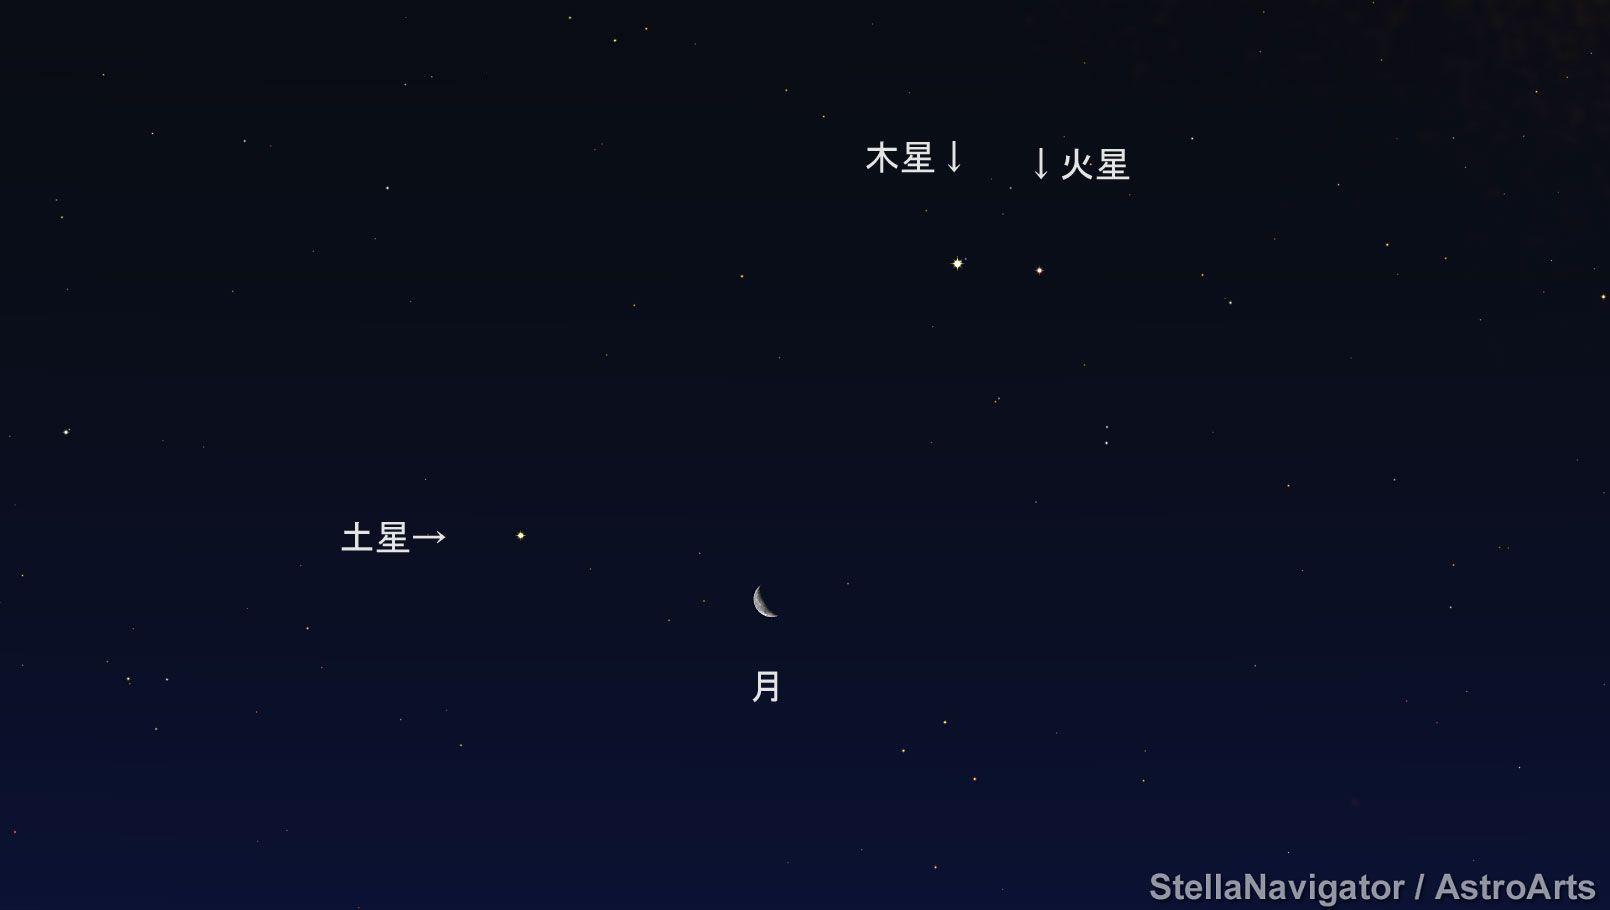 3 星 見え 月 は に 今日 最も 午前 し た て 接近 時に